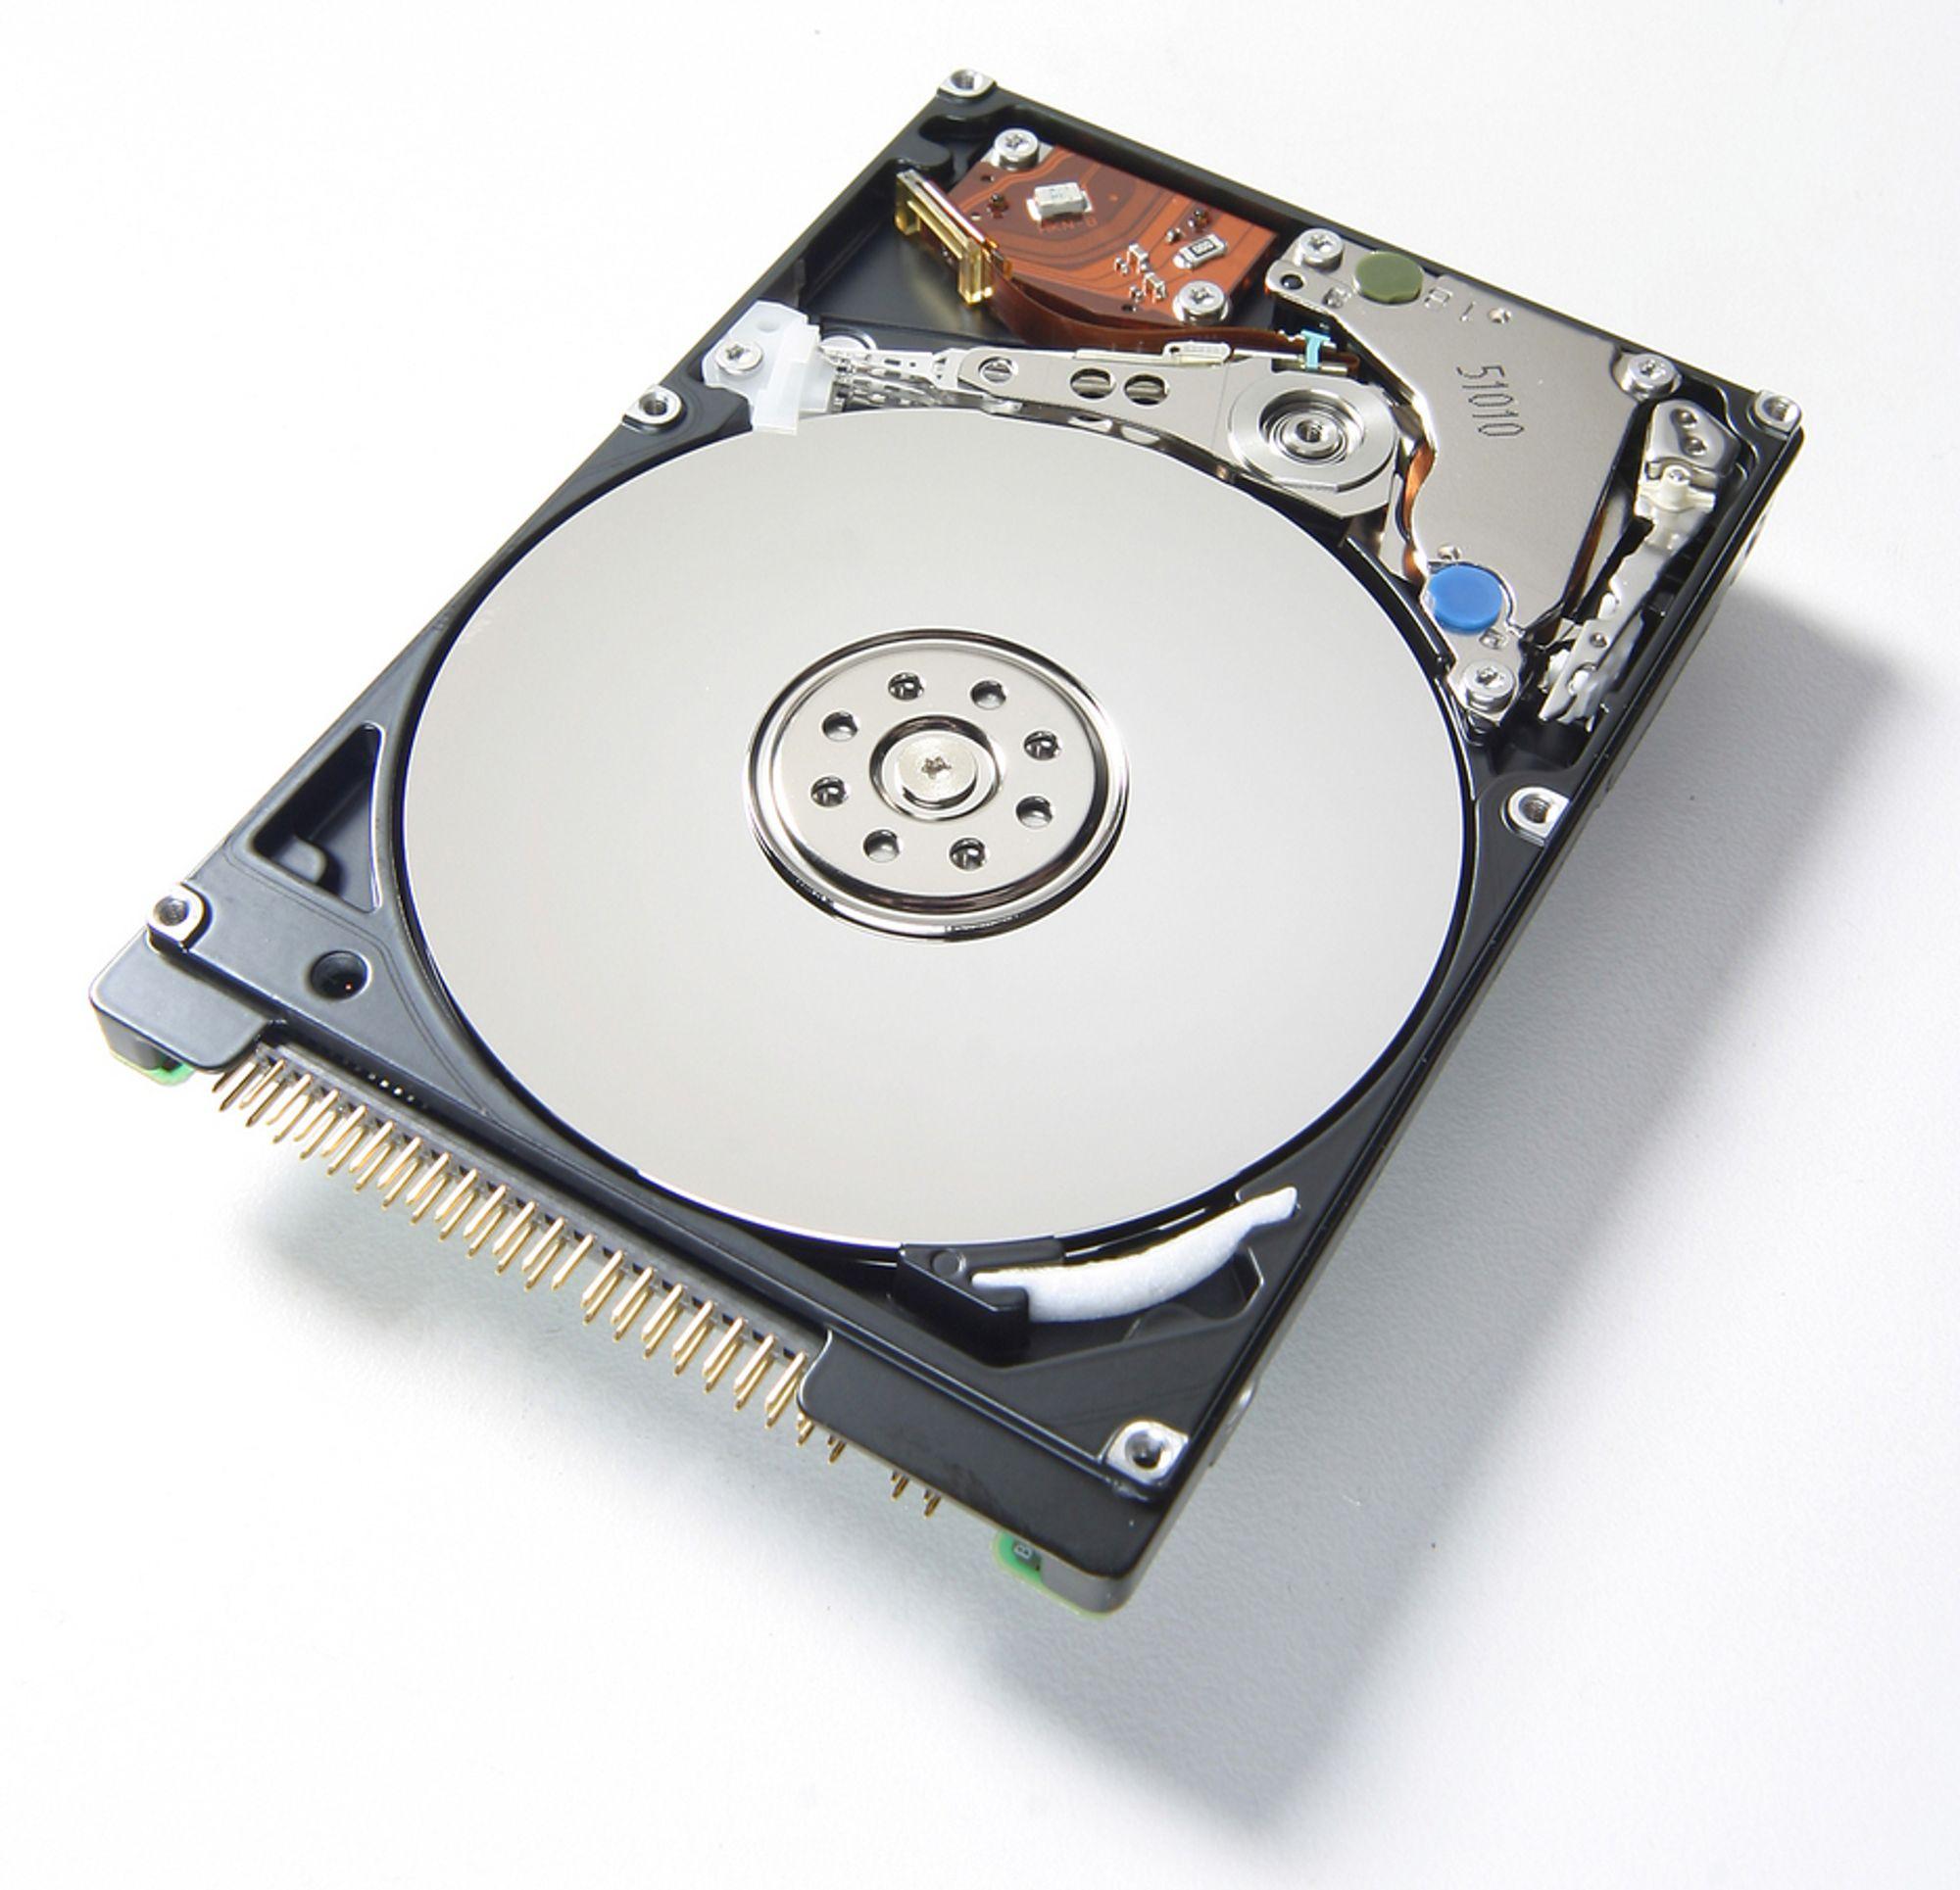 NY REKORD: 5 TB i en harddisk som passer i en bærbar pc vil være ny rekord.